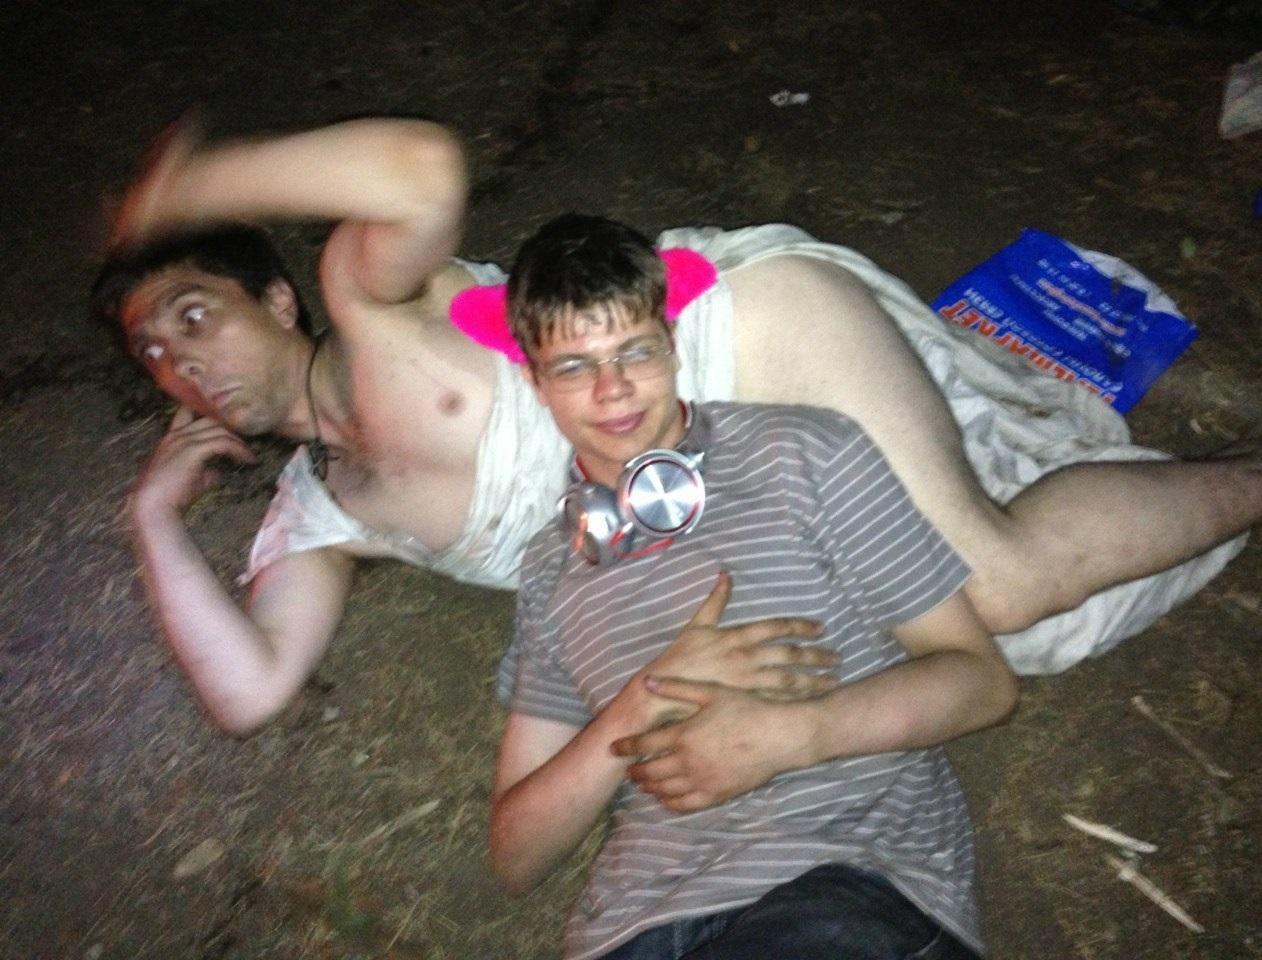 Русскую пьяную ебут друзья, ебем с друзьями пьяную жену русское скачать, порно 9 фотография